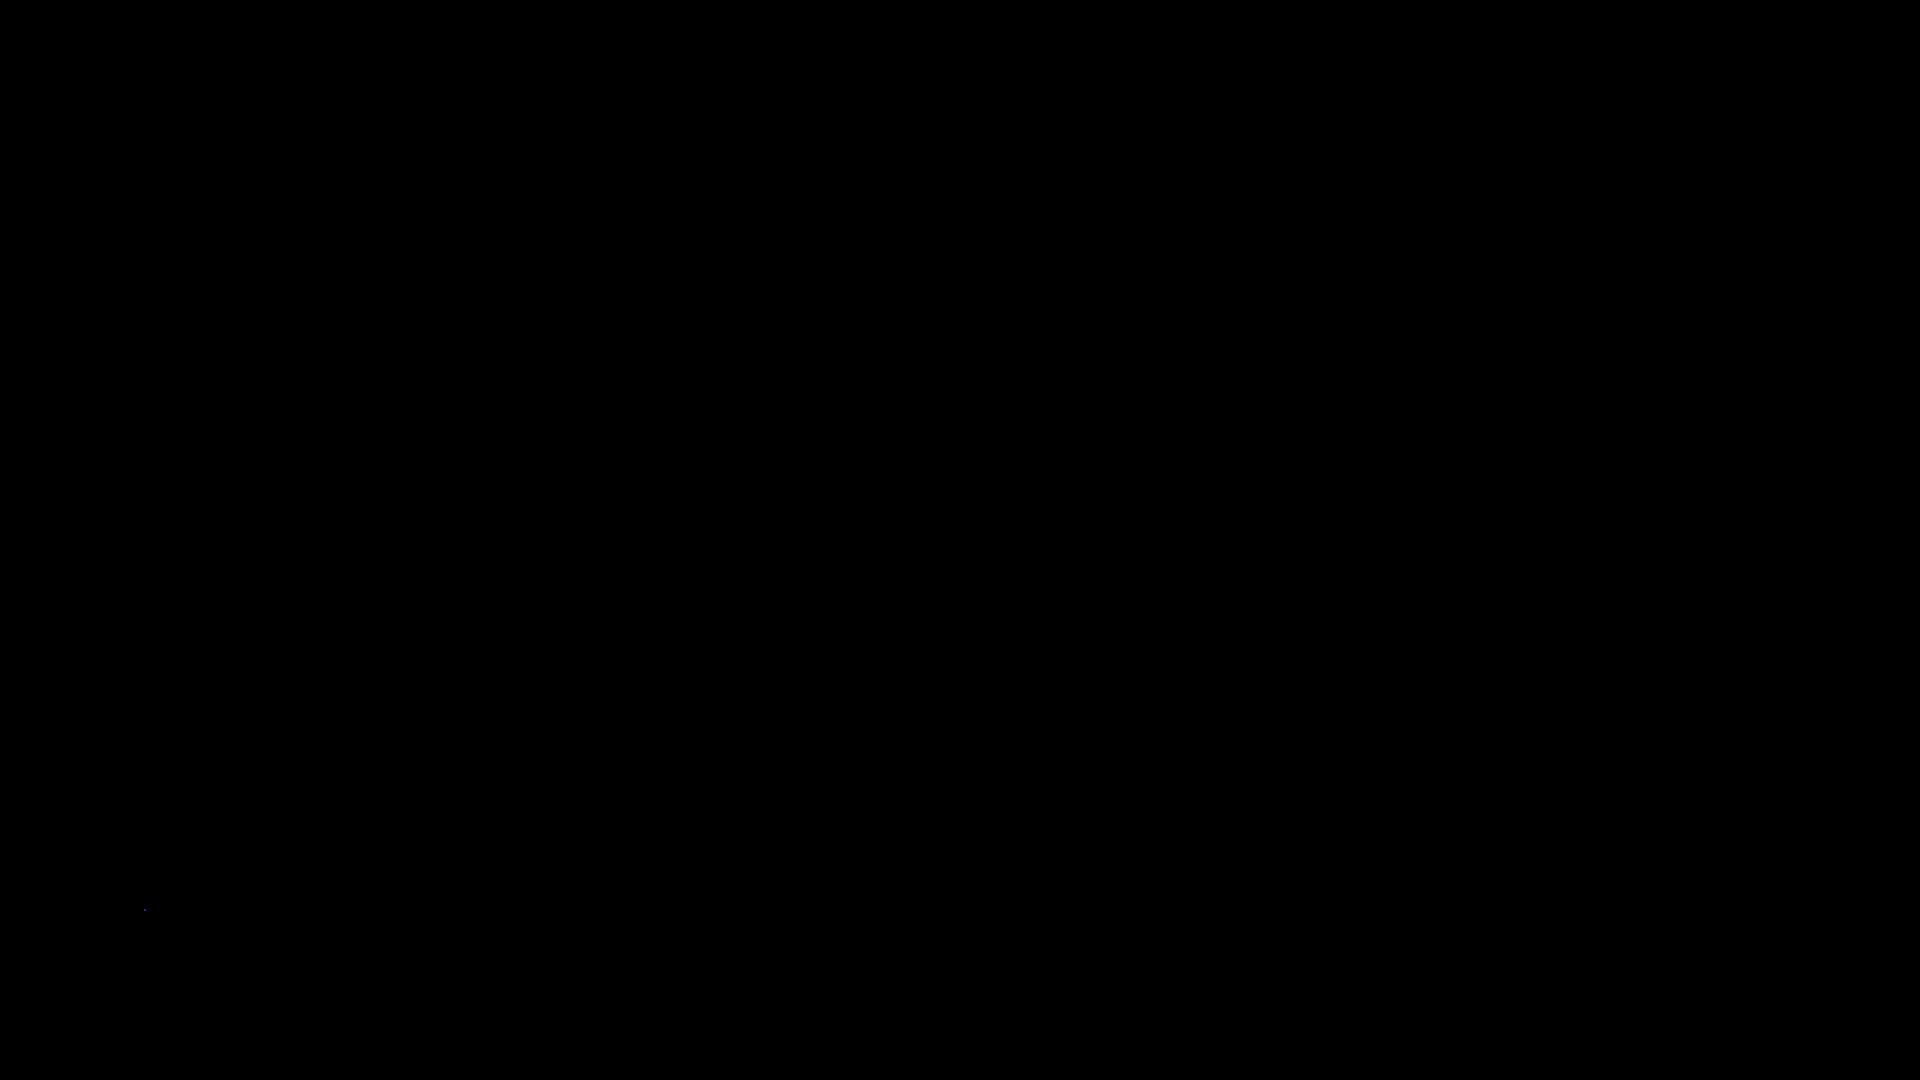 dummyframe